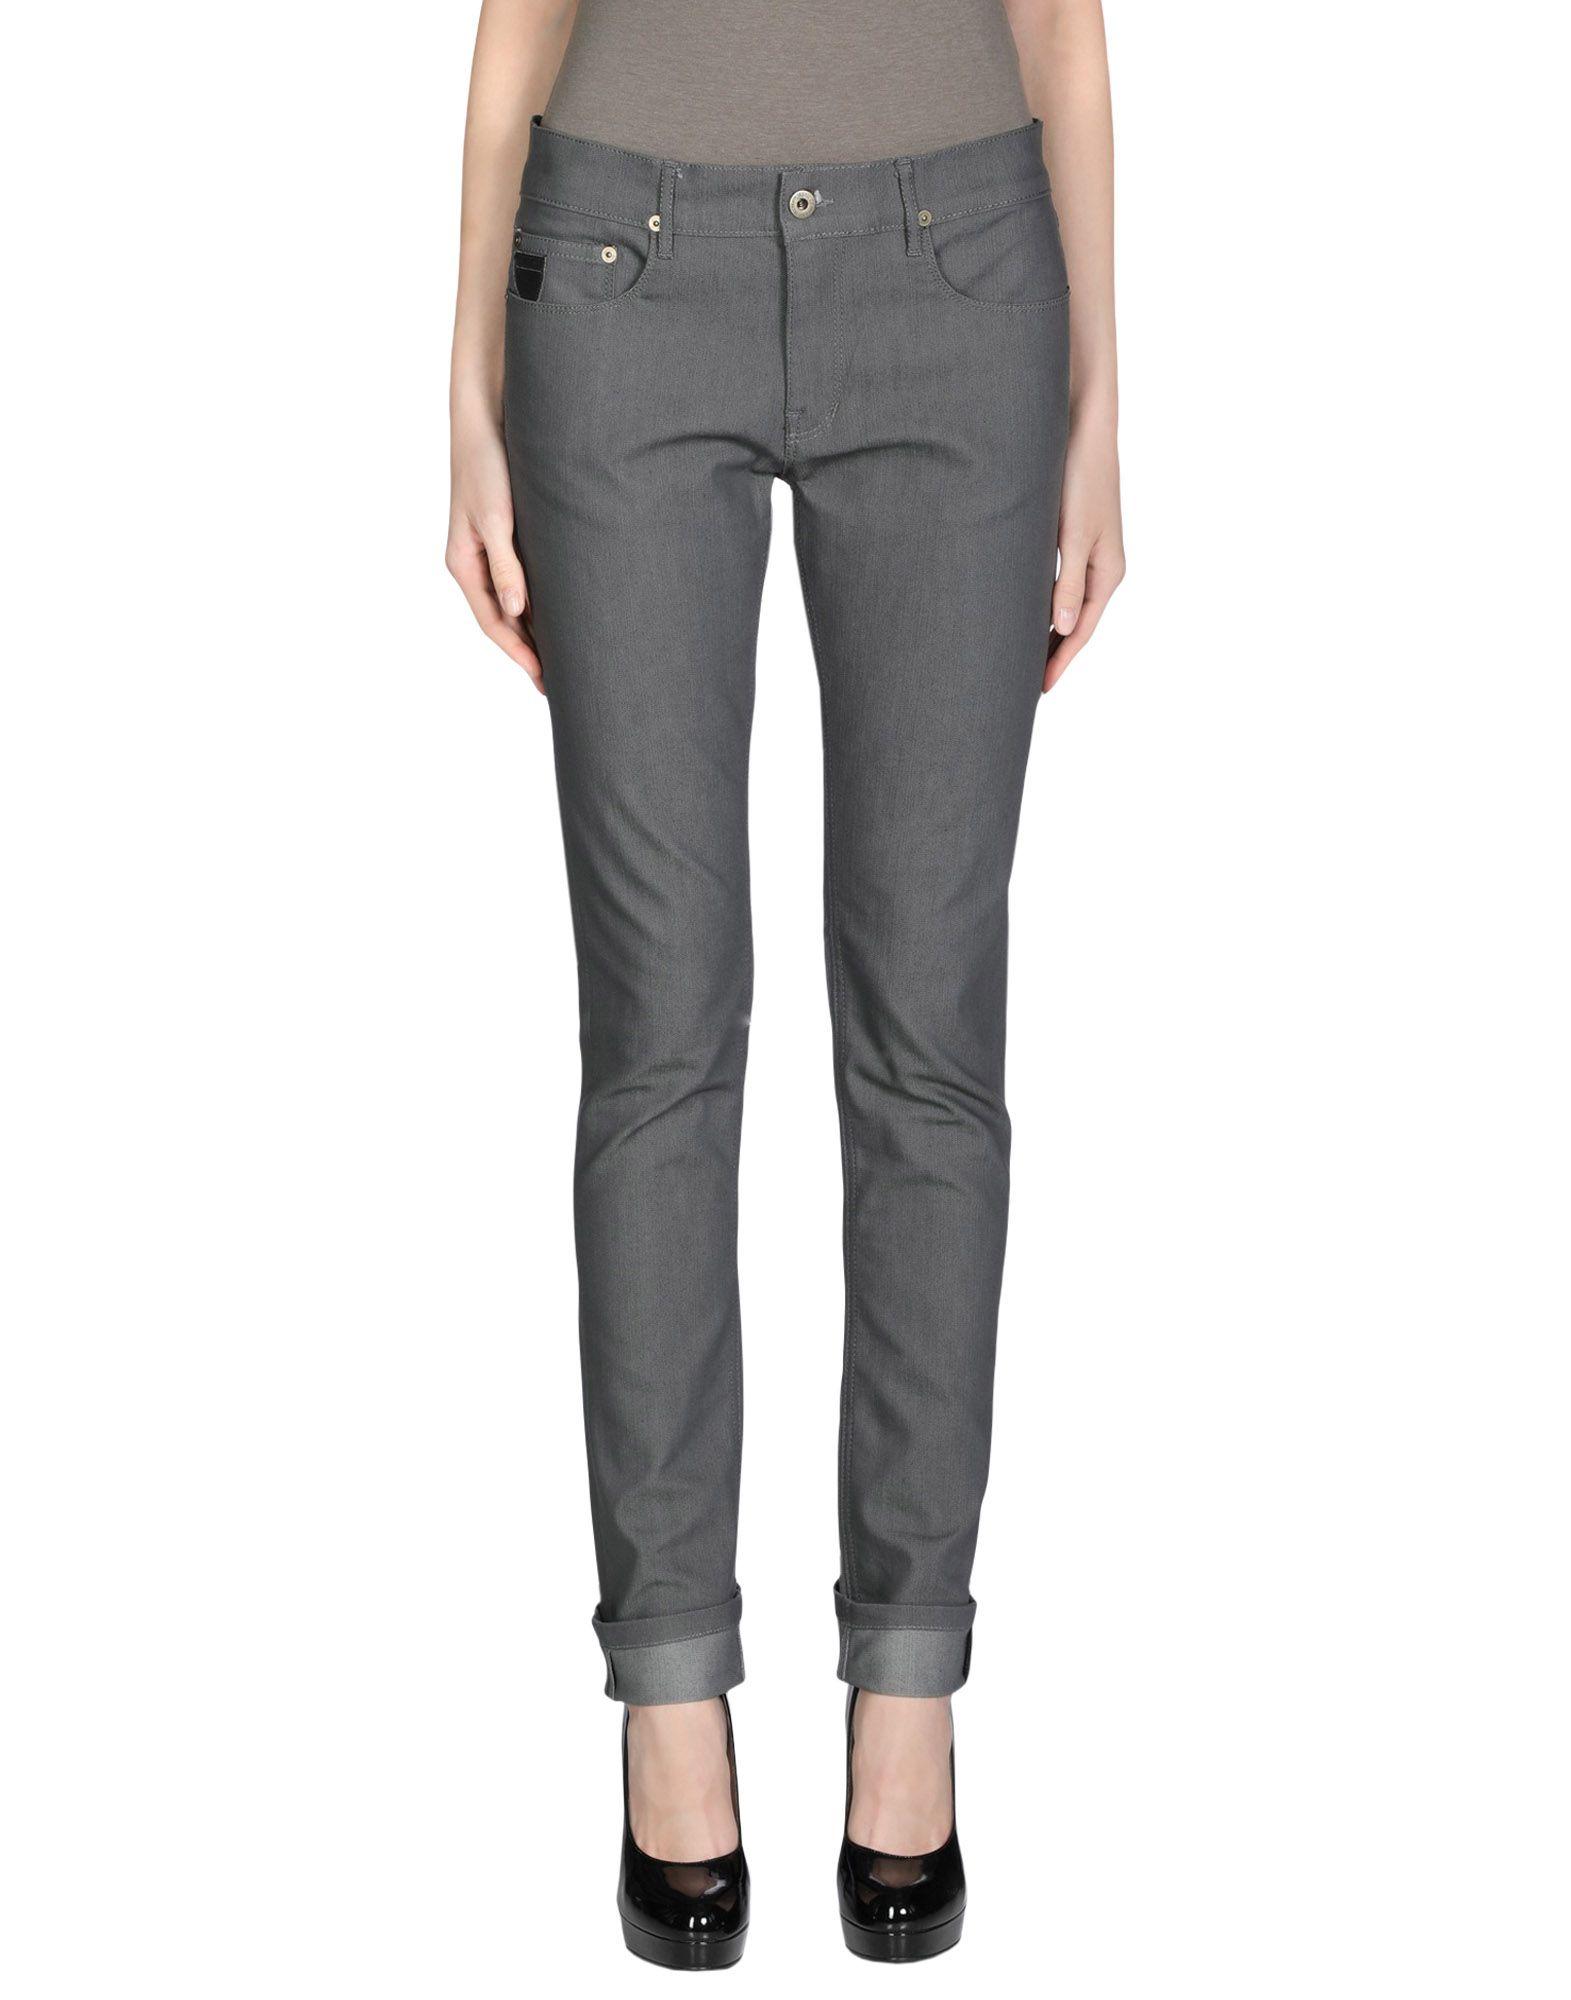 APRIL77 Denim Pants in Grey